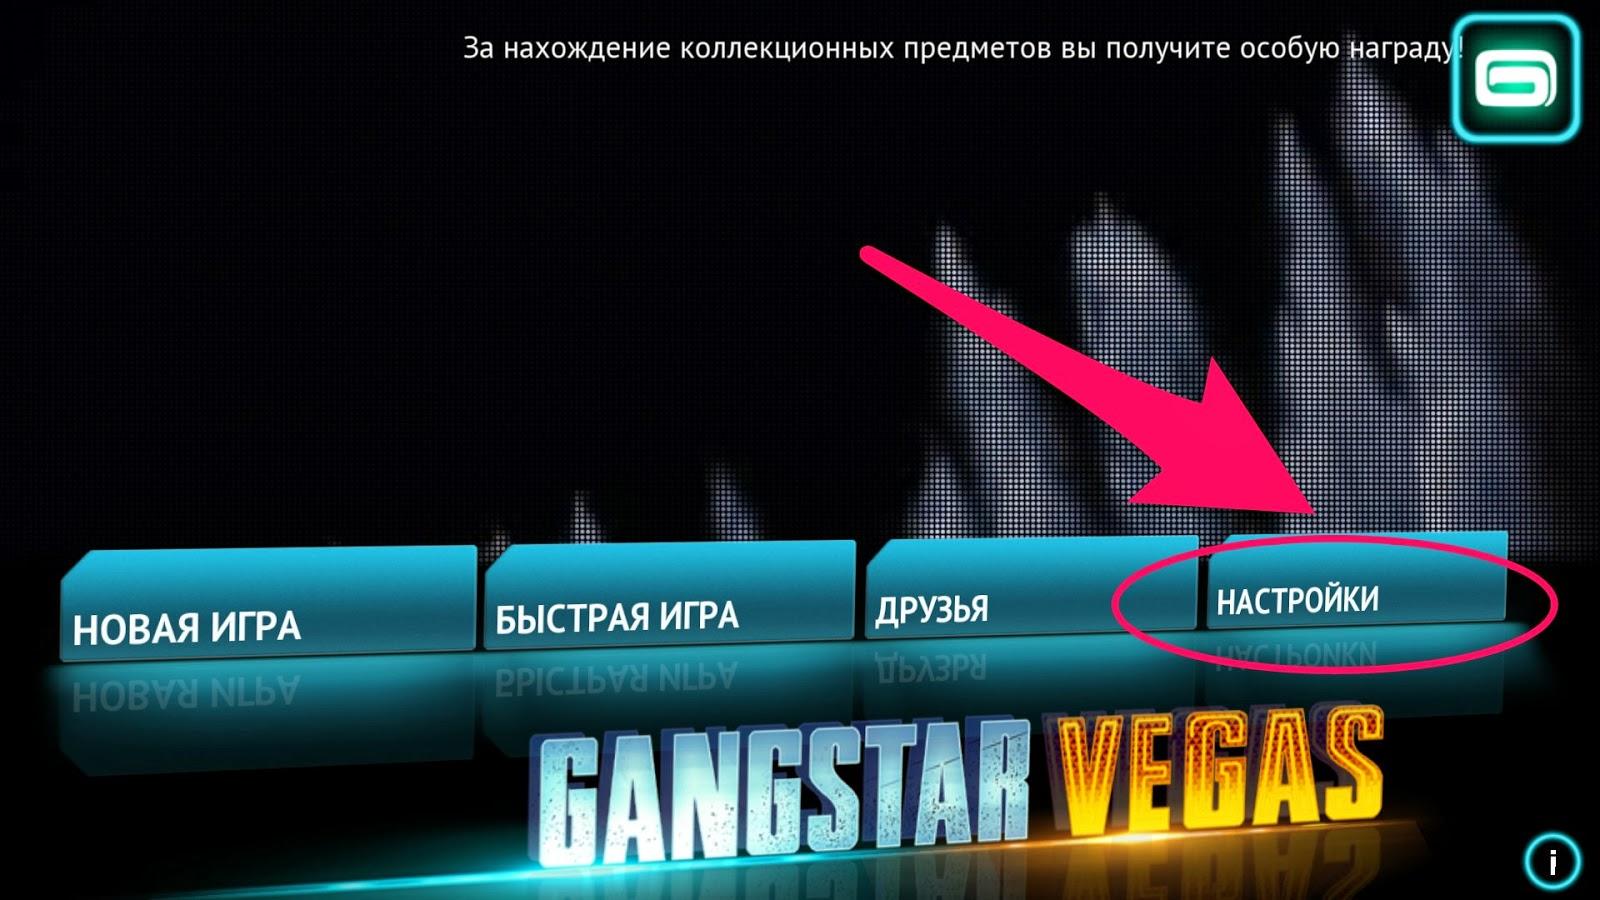 Image Result For Gangstar Vegas Mod Apka